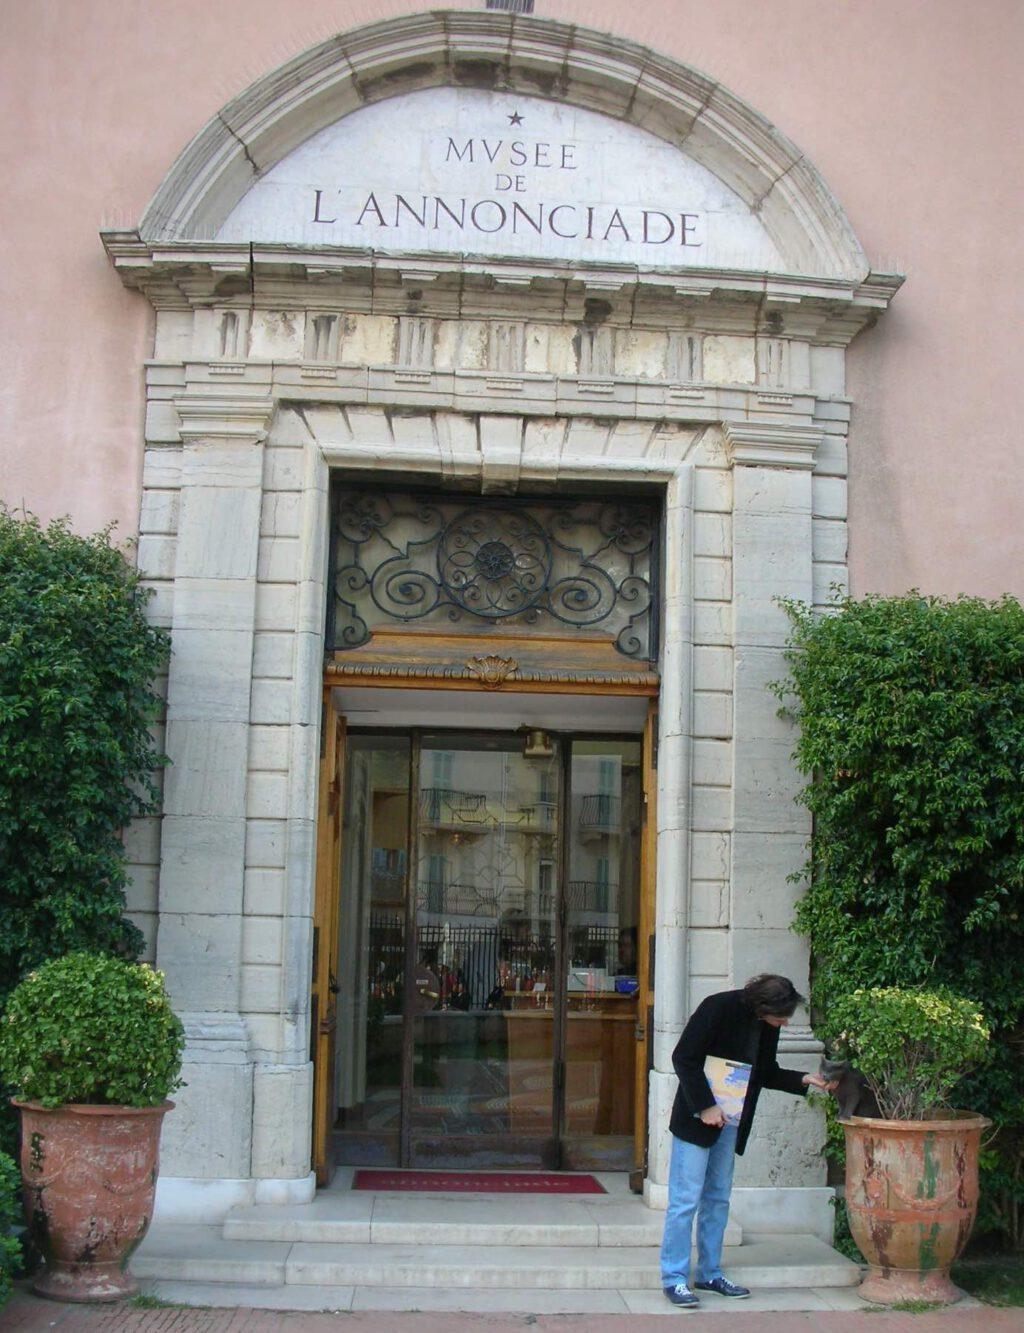 ラノンシアード美術館、サントロペ